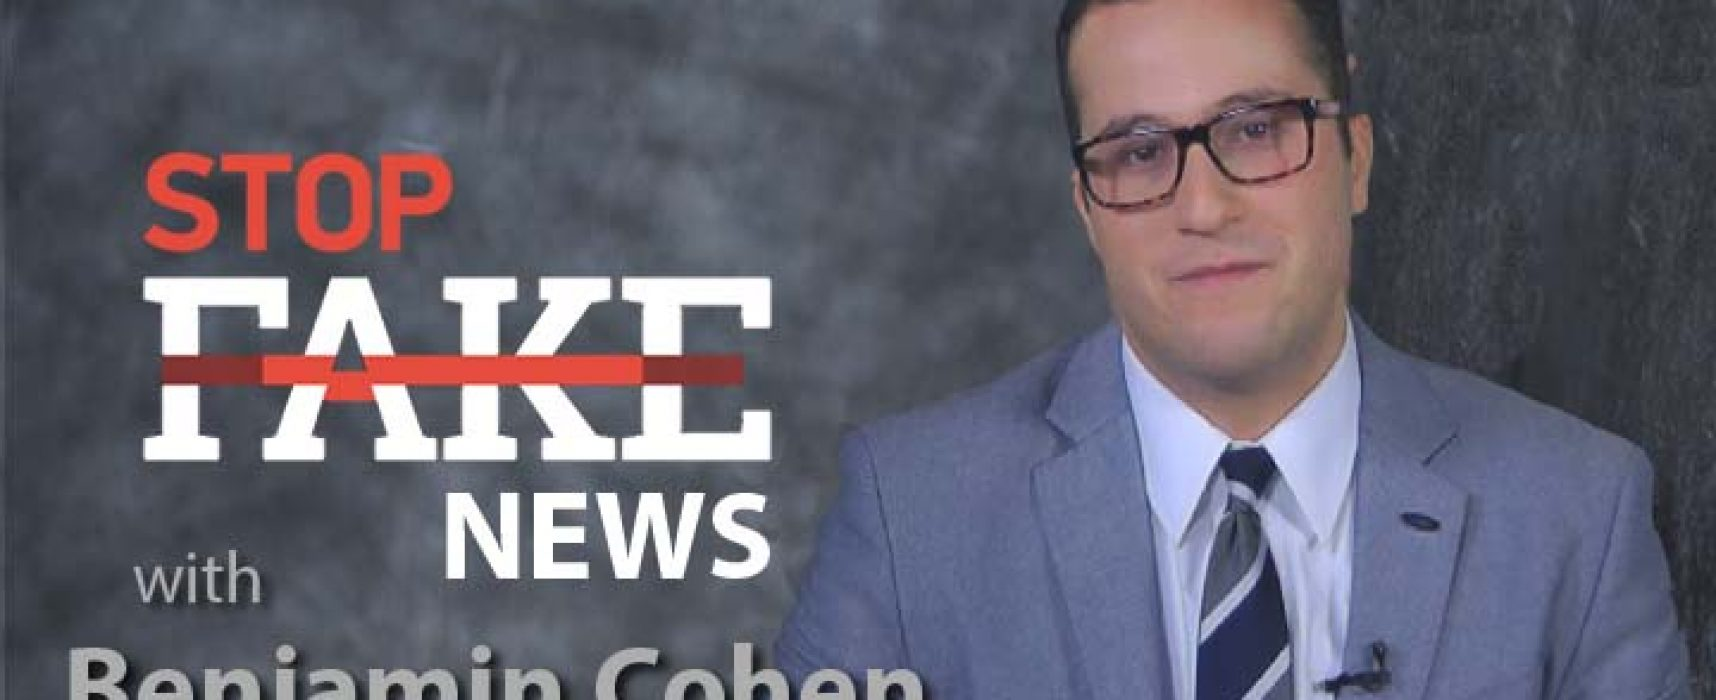 StopFakeNews #116 with Benjamin Cohen